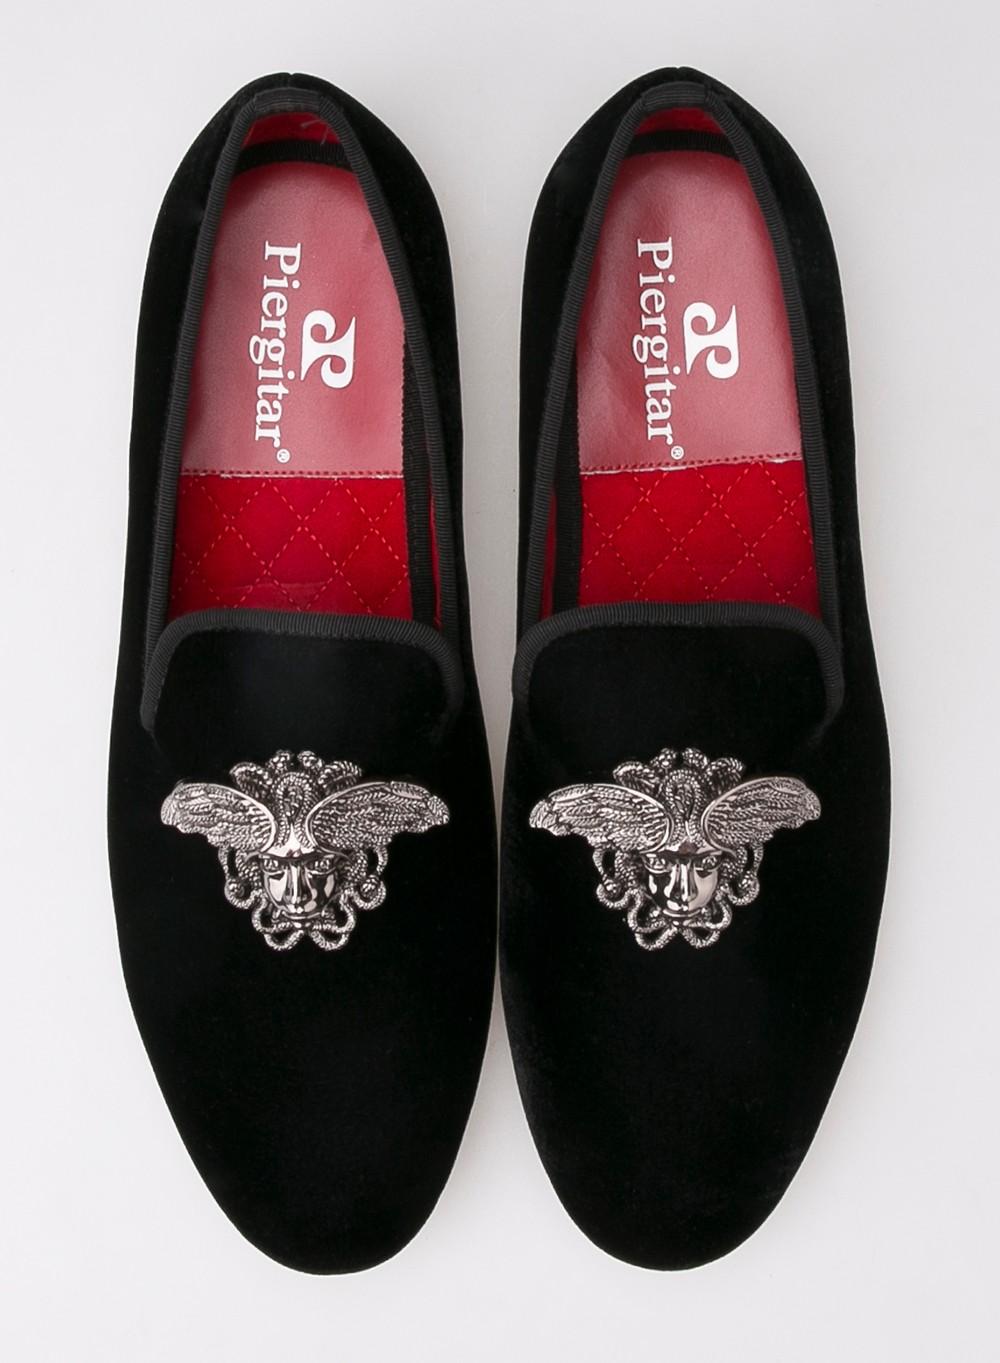 Мода мужчины мокасины с серебряной лицо пряжки ручной работы высокого класса ну вечеринку и свадебные бархатные туфли мужчины платье обуви мужские квартиры